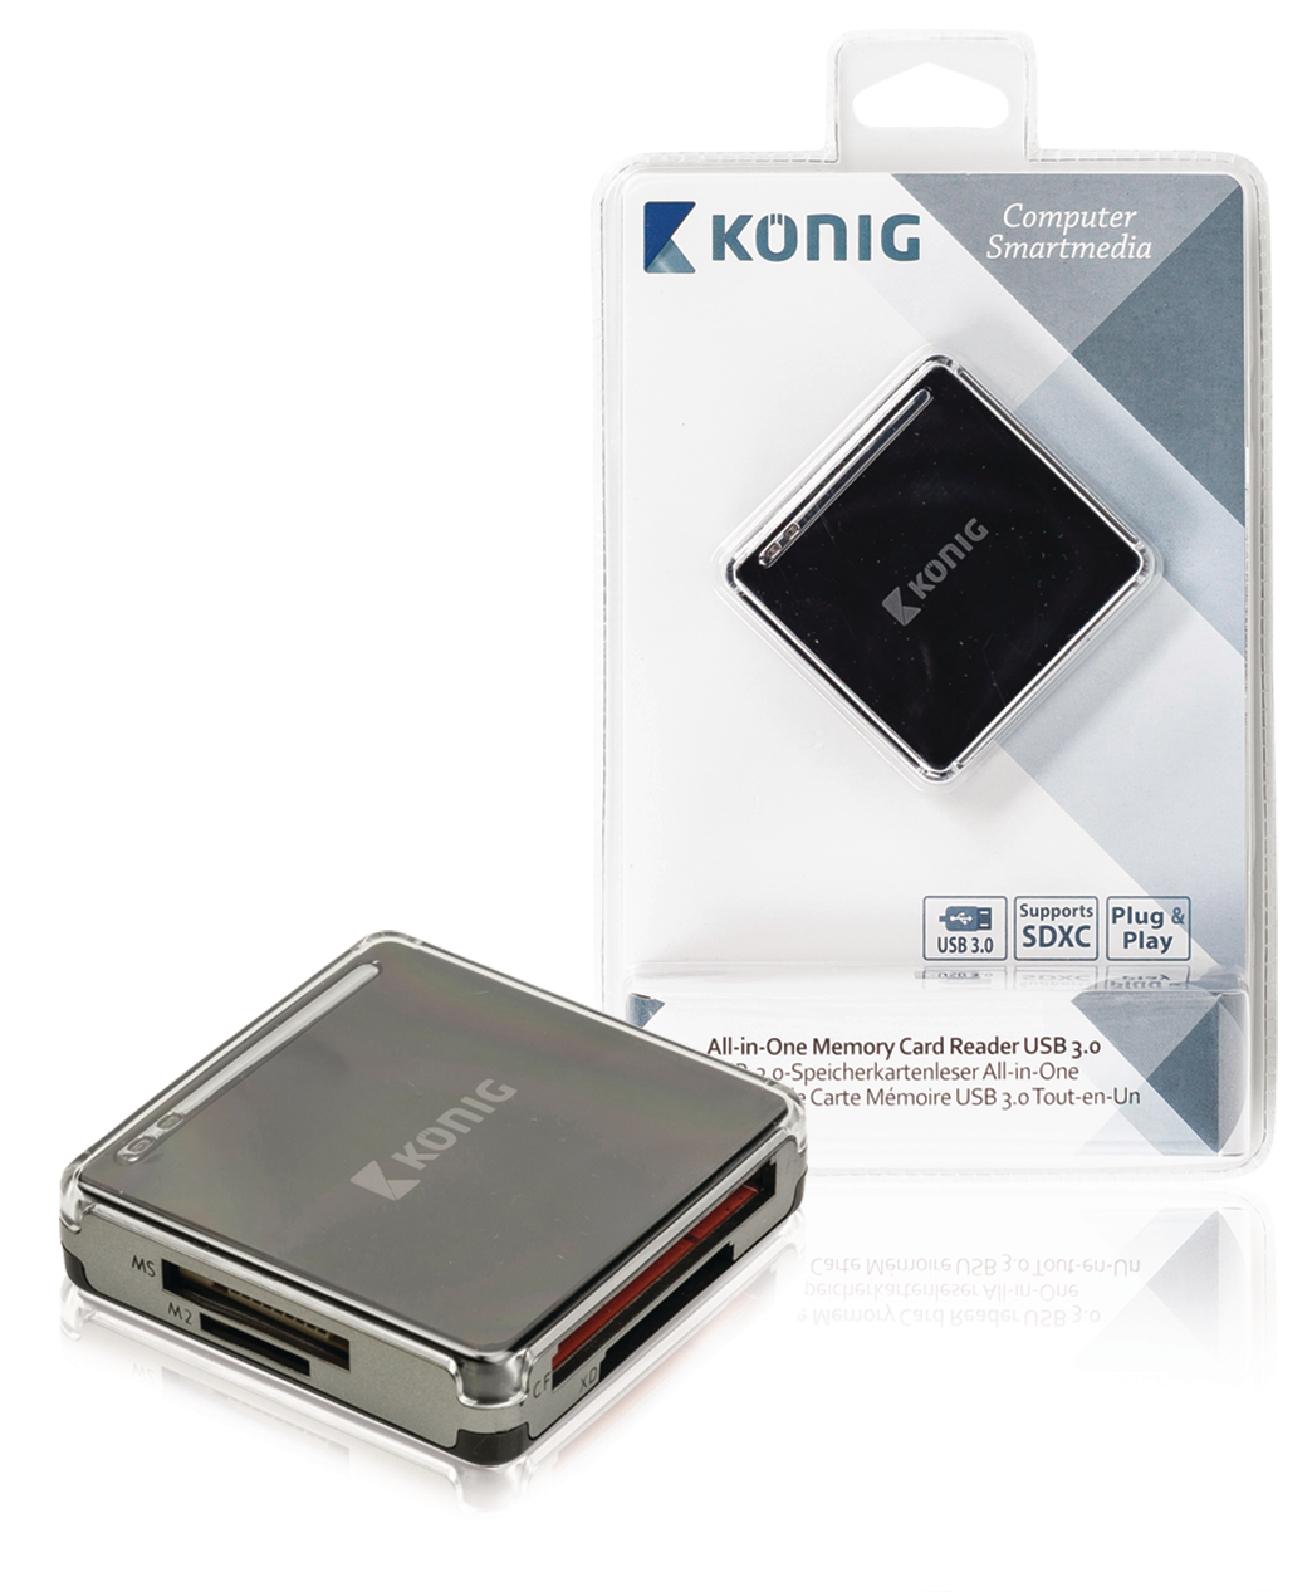 Čtečka Paměťových Karet Vše v Jednom USB 3.0 Černá